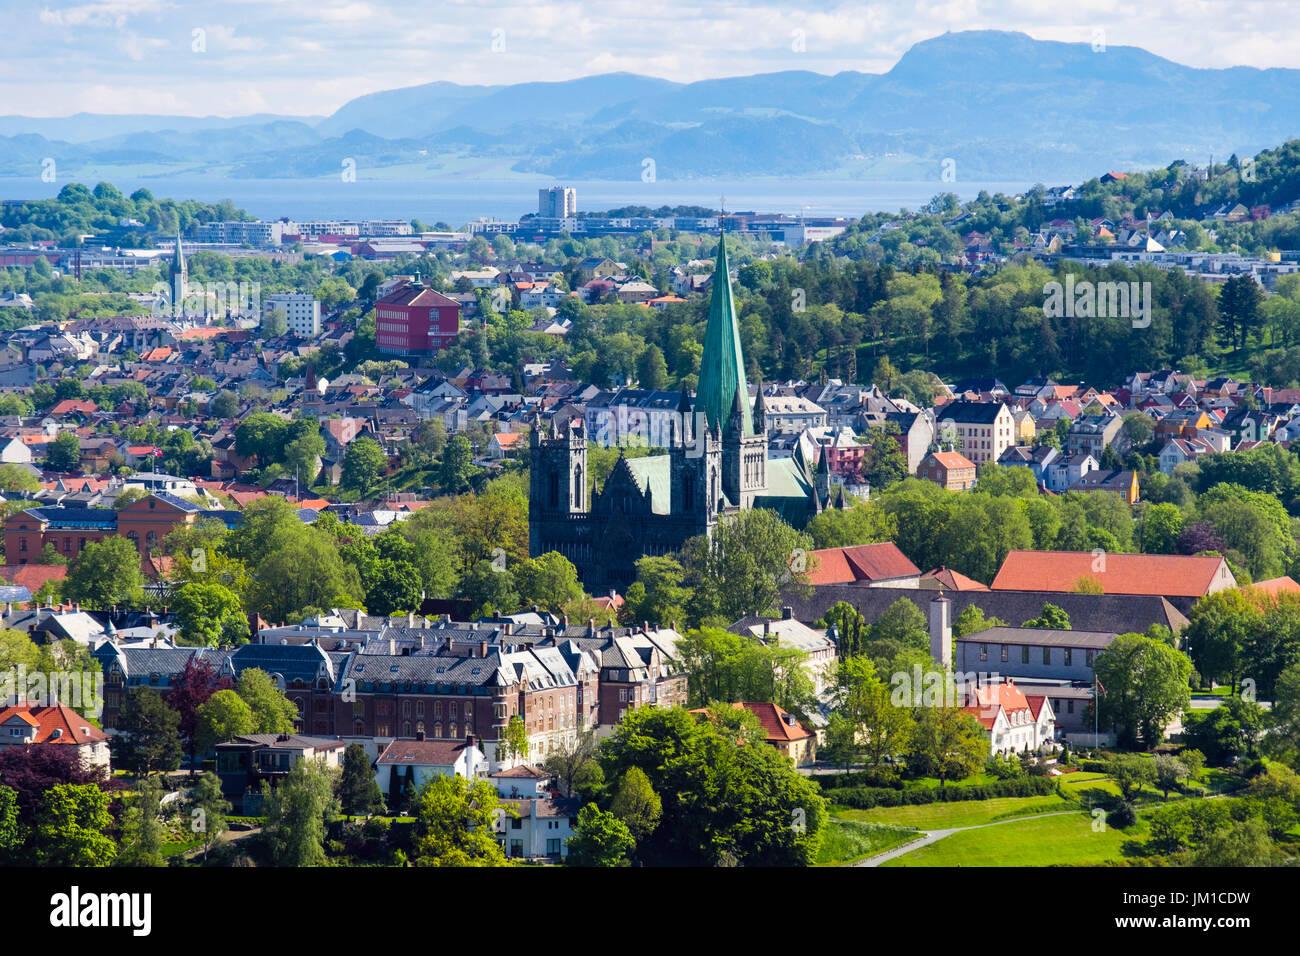 Vista sulla città vecchia con la cattedrale Nidaros in estate. Trondheim, Sør-Trøndelag, Norvegia e Scandinavia Immagini Stock